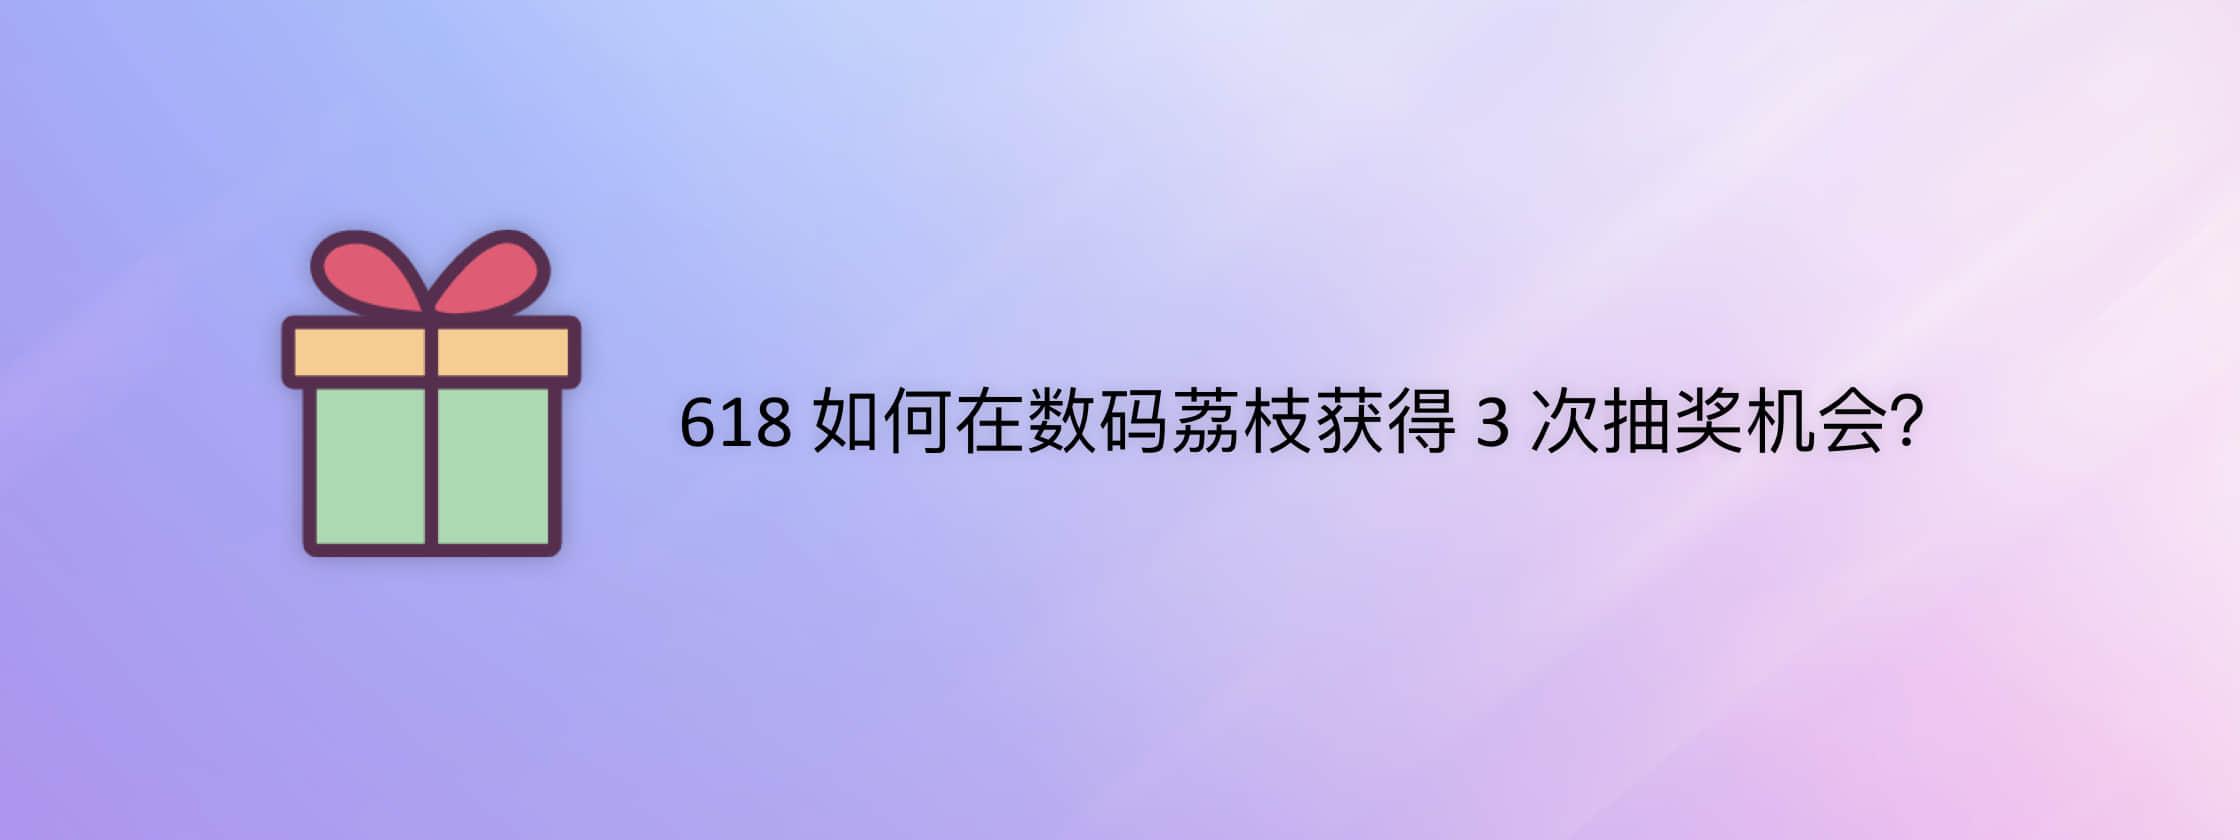 618 如何在数码荔枝获得 3 次抽奖机会?